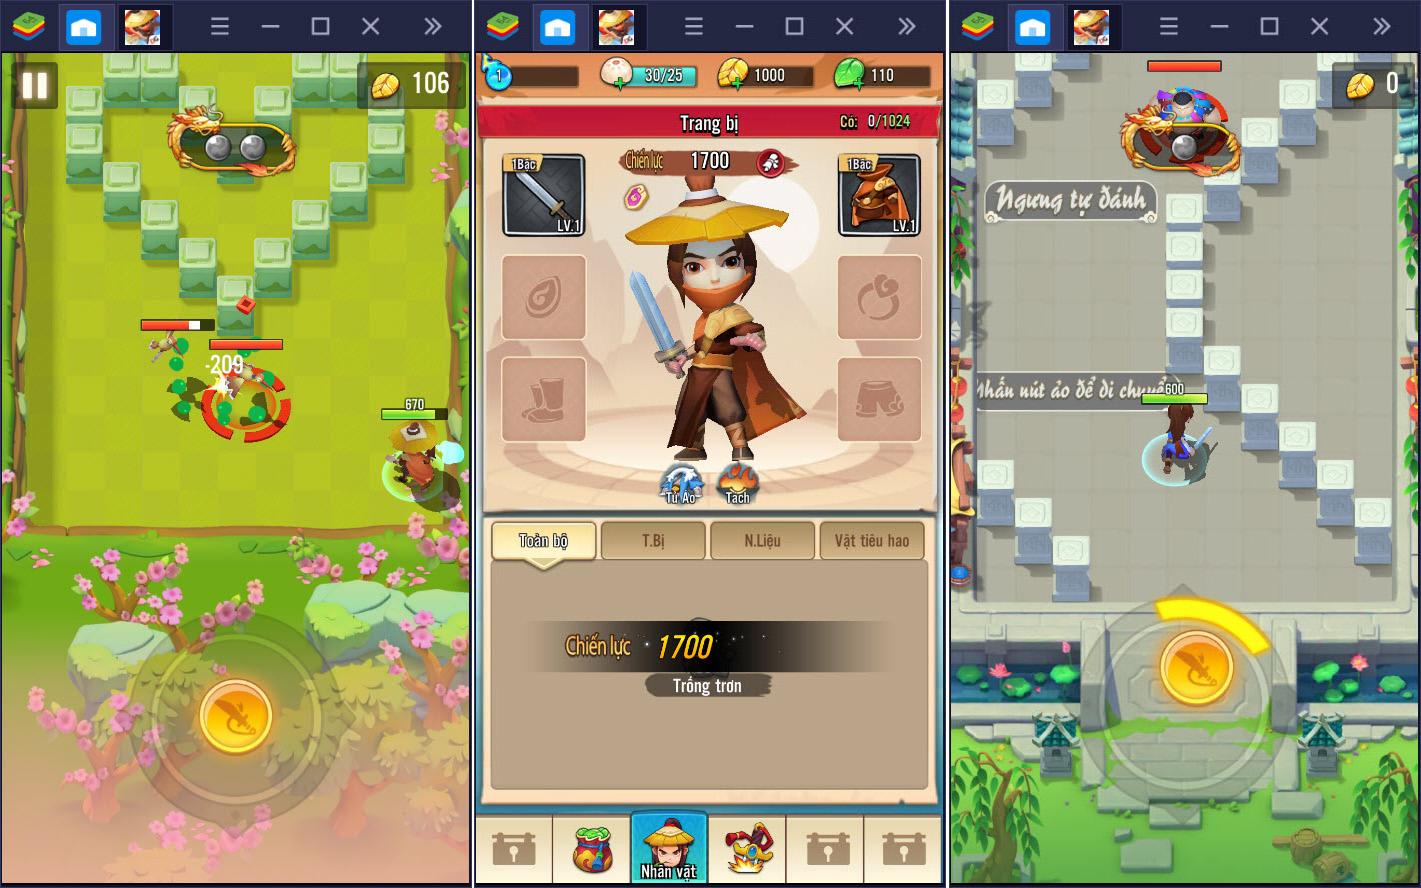 Cùng BlueStacks khám phá Đại Hiệp Piu Piu Piu, game màn hình dọc có lối chơi độc đáo